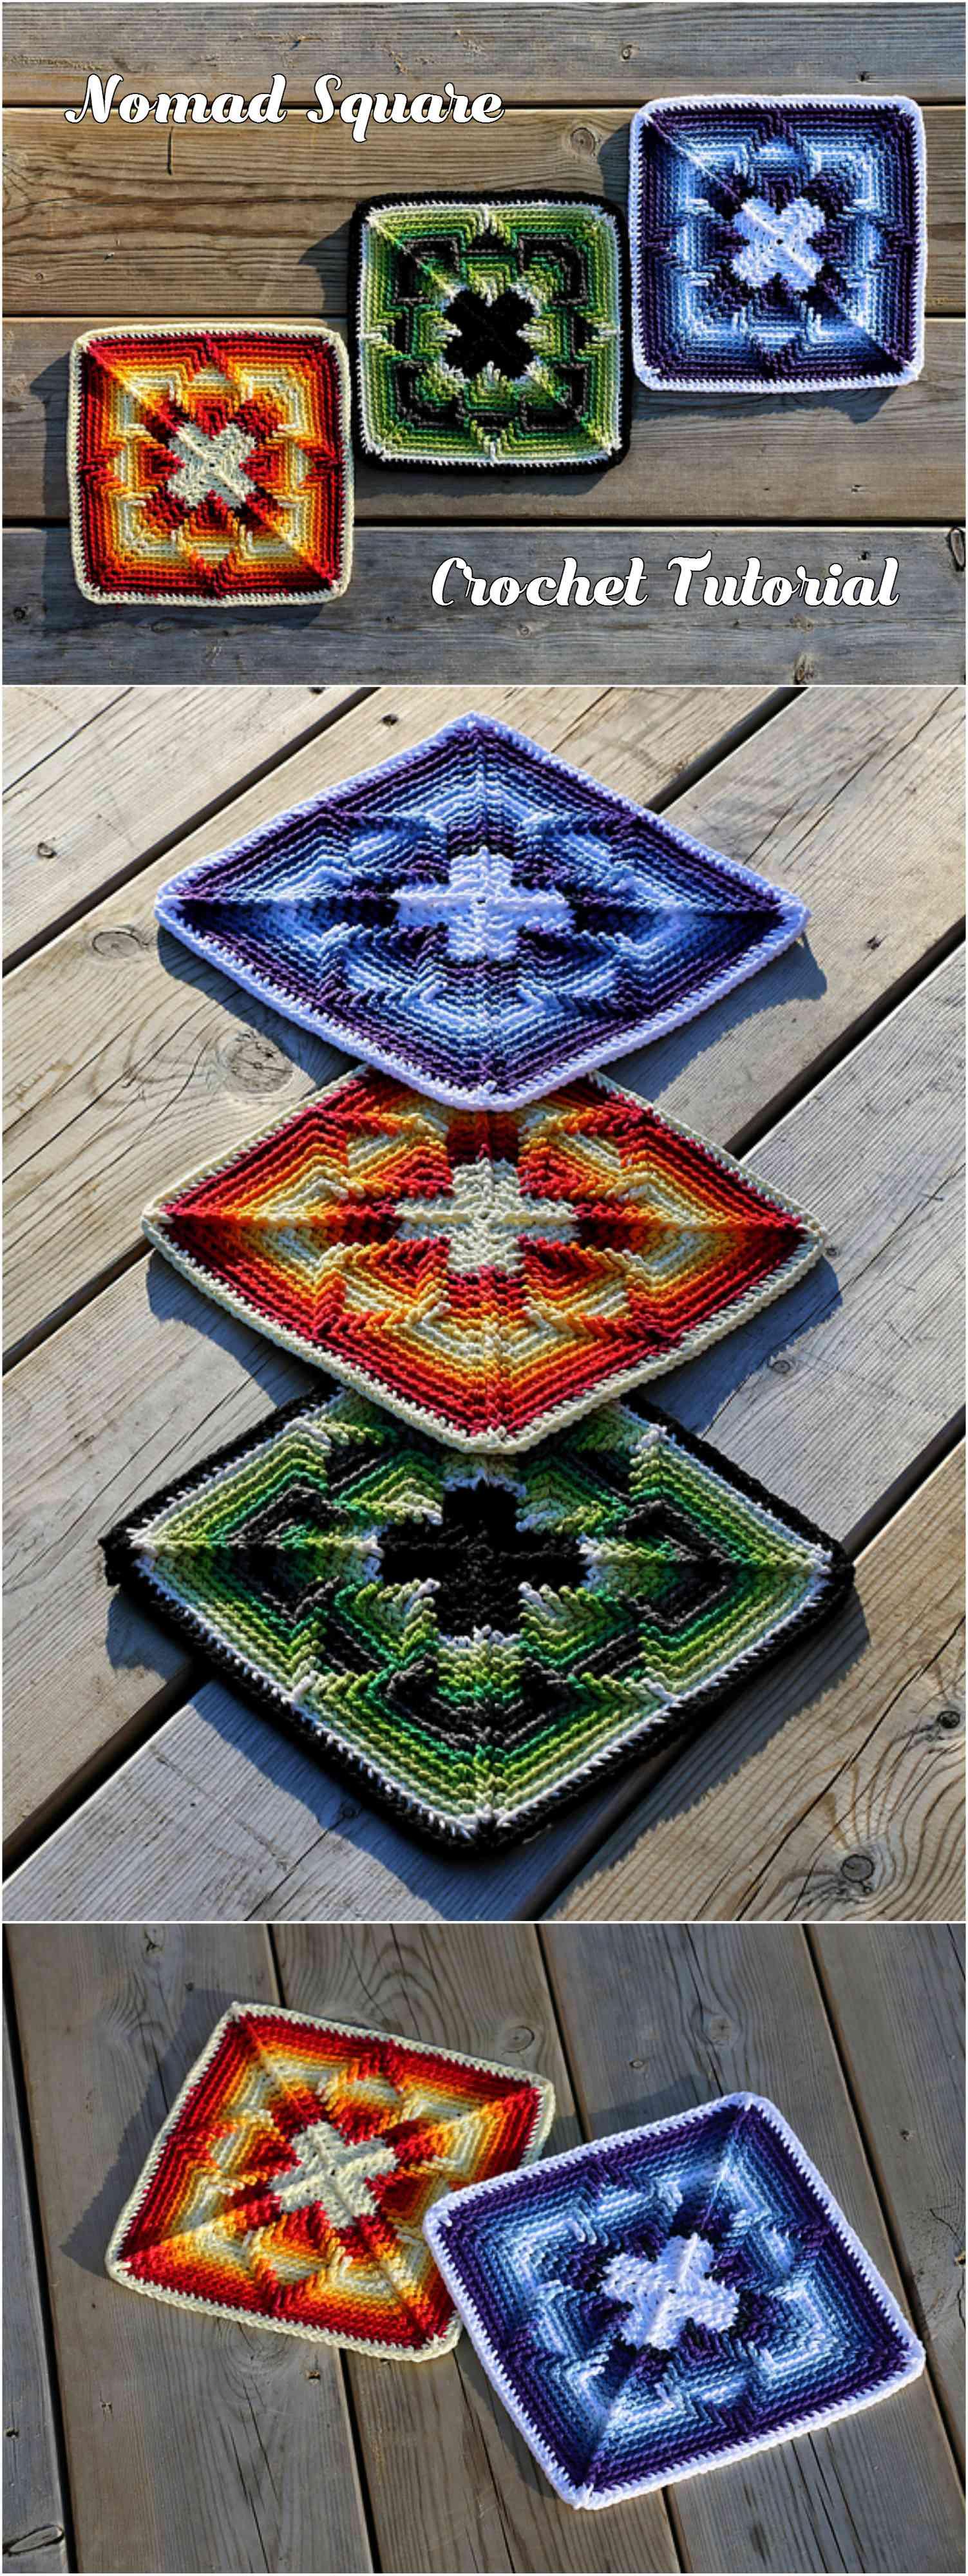 Crochet Nomad Square Pretty Ideas